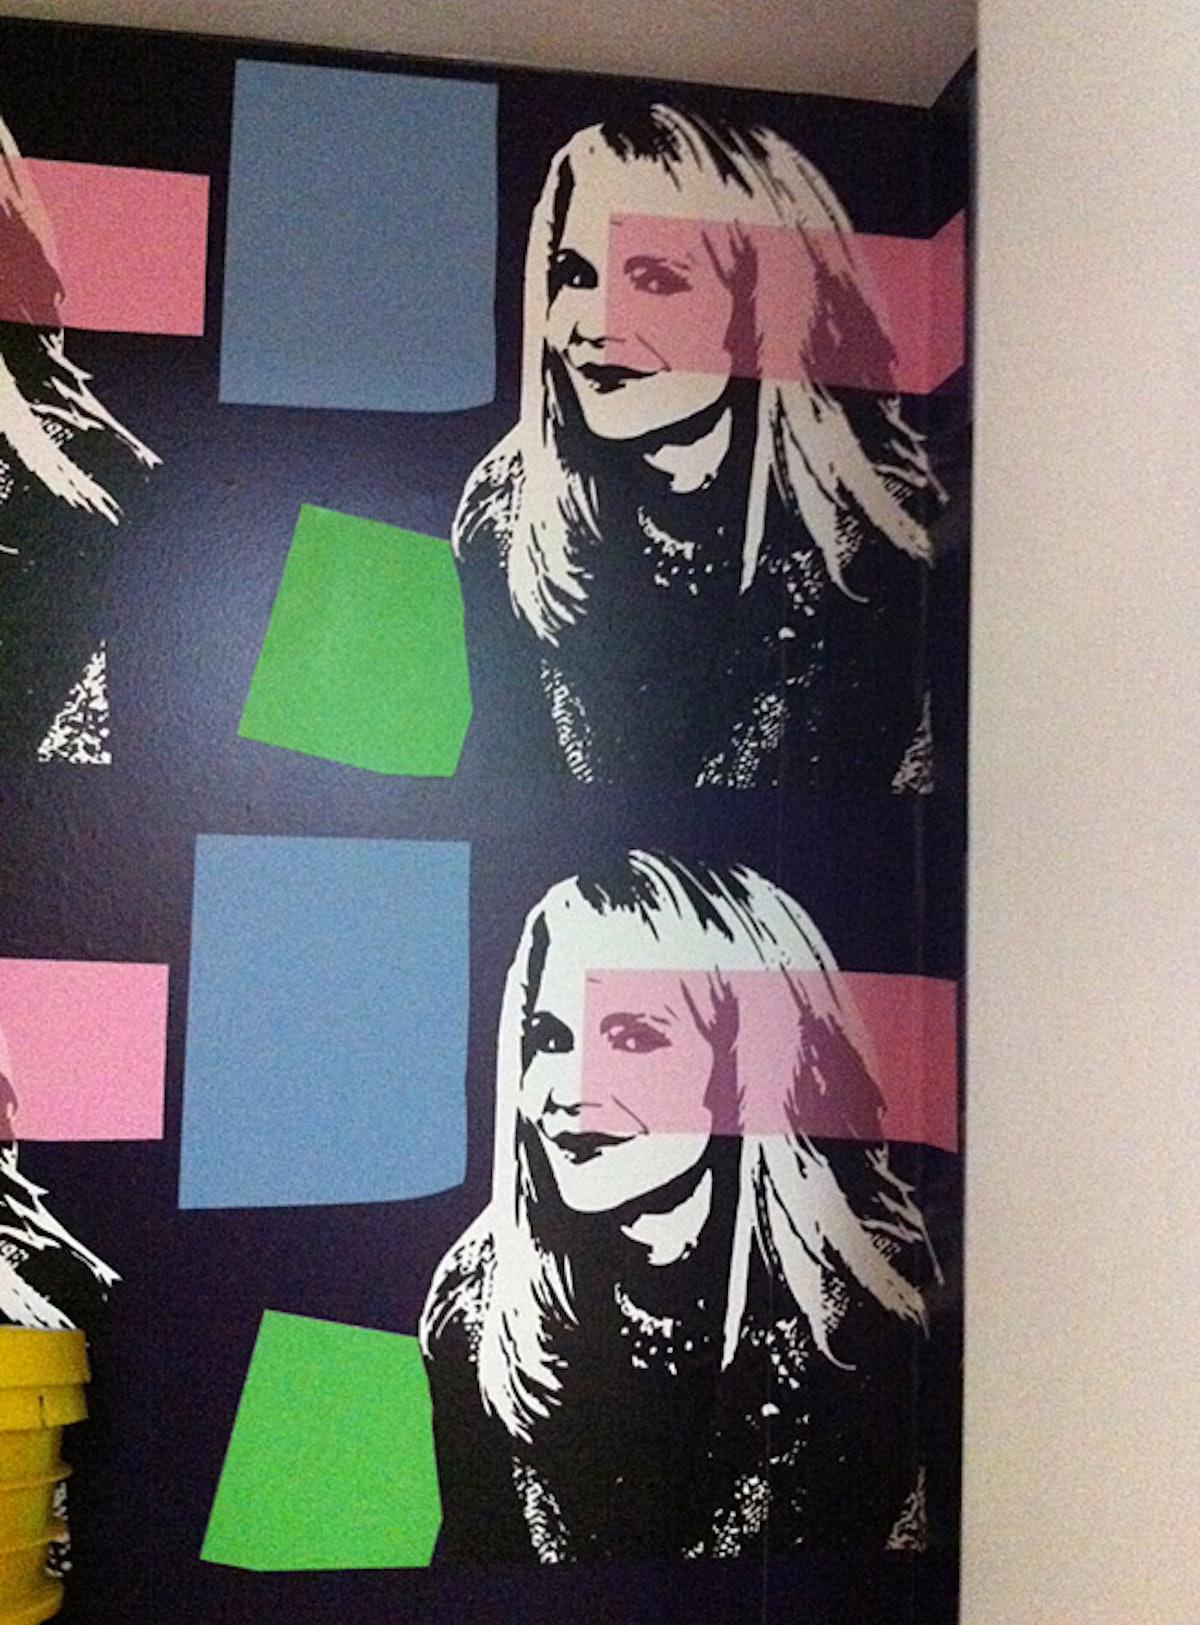 dr-gerstner-portrait-wallpaper.jpg